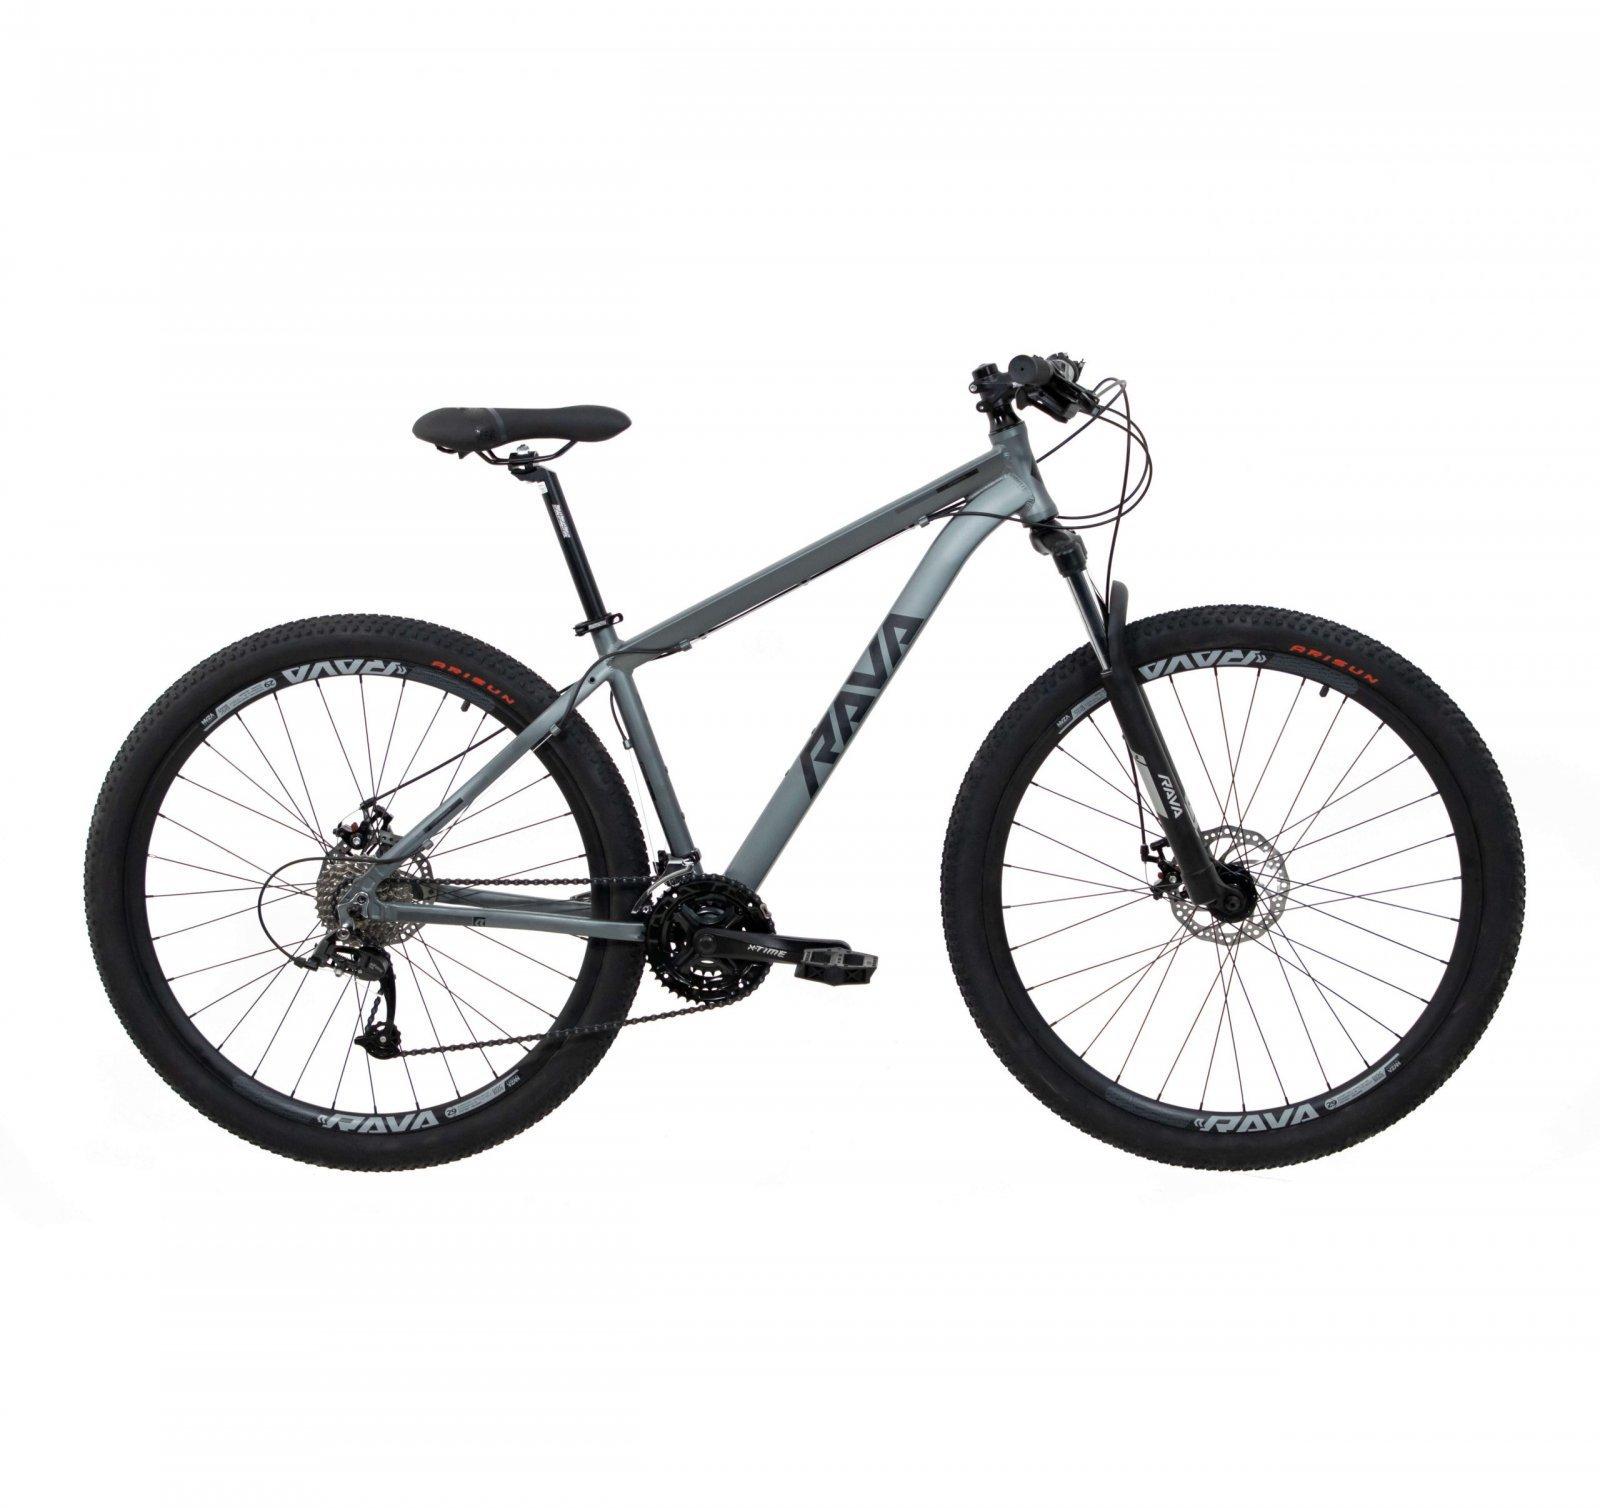 Bicicleta TSW Rava Pressure 29er 24vel - 2021